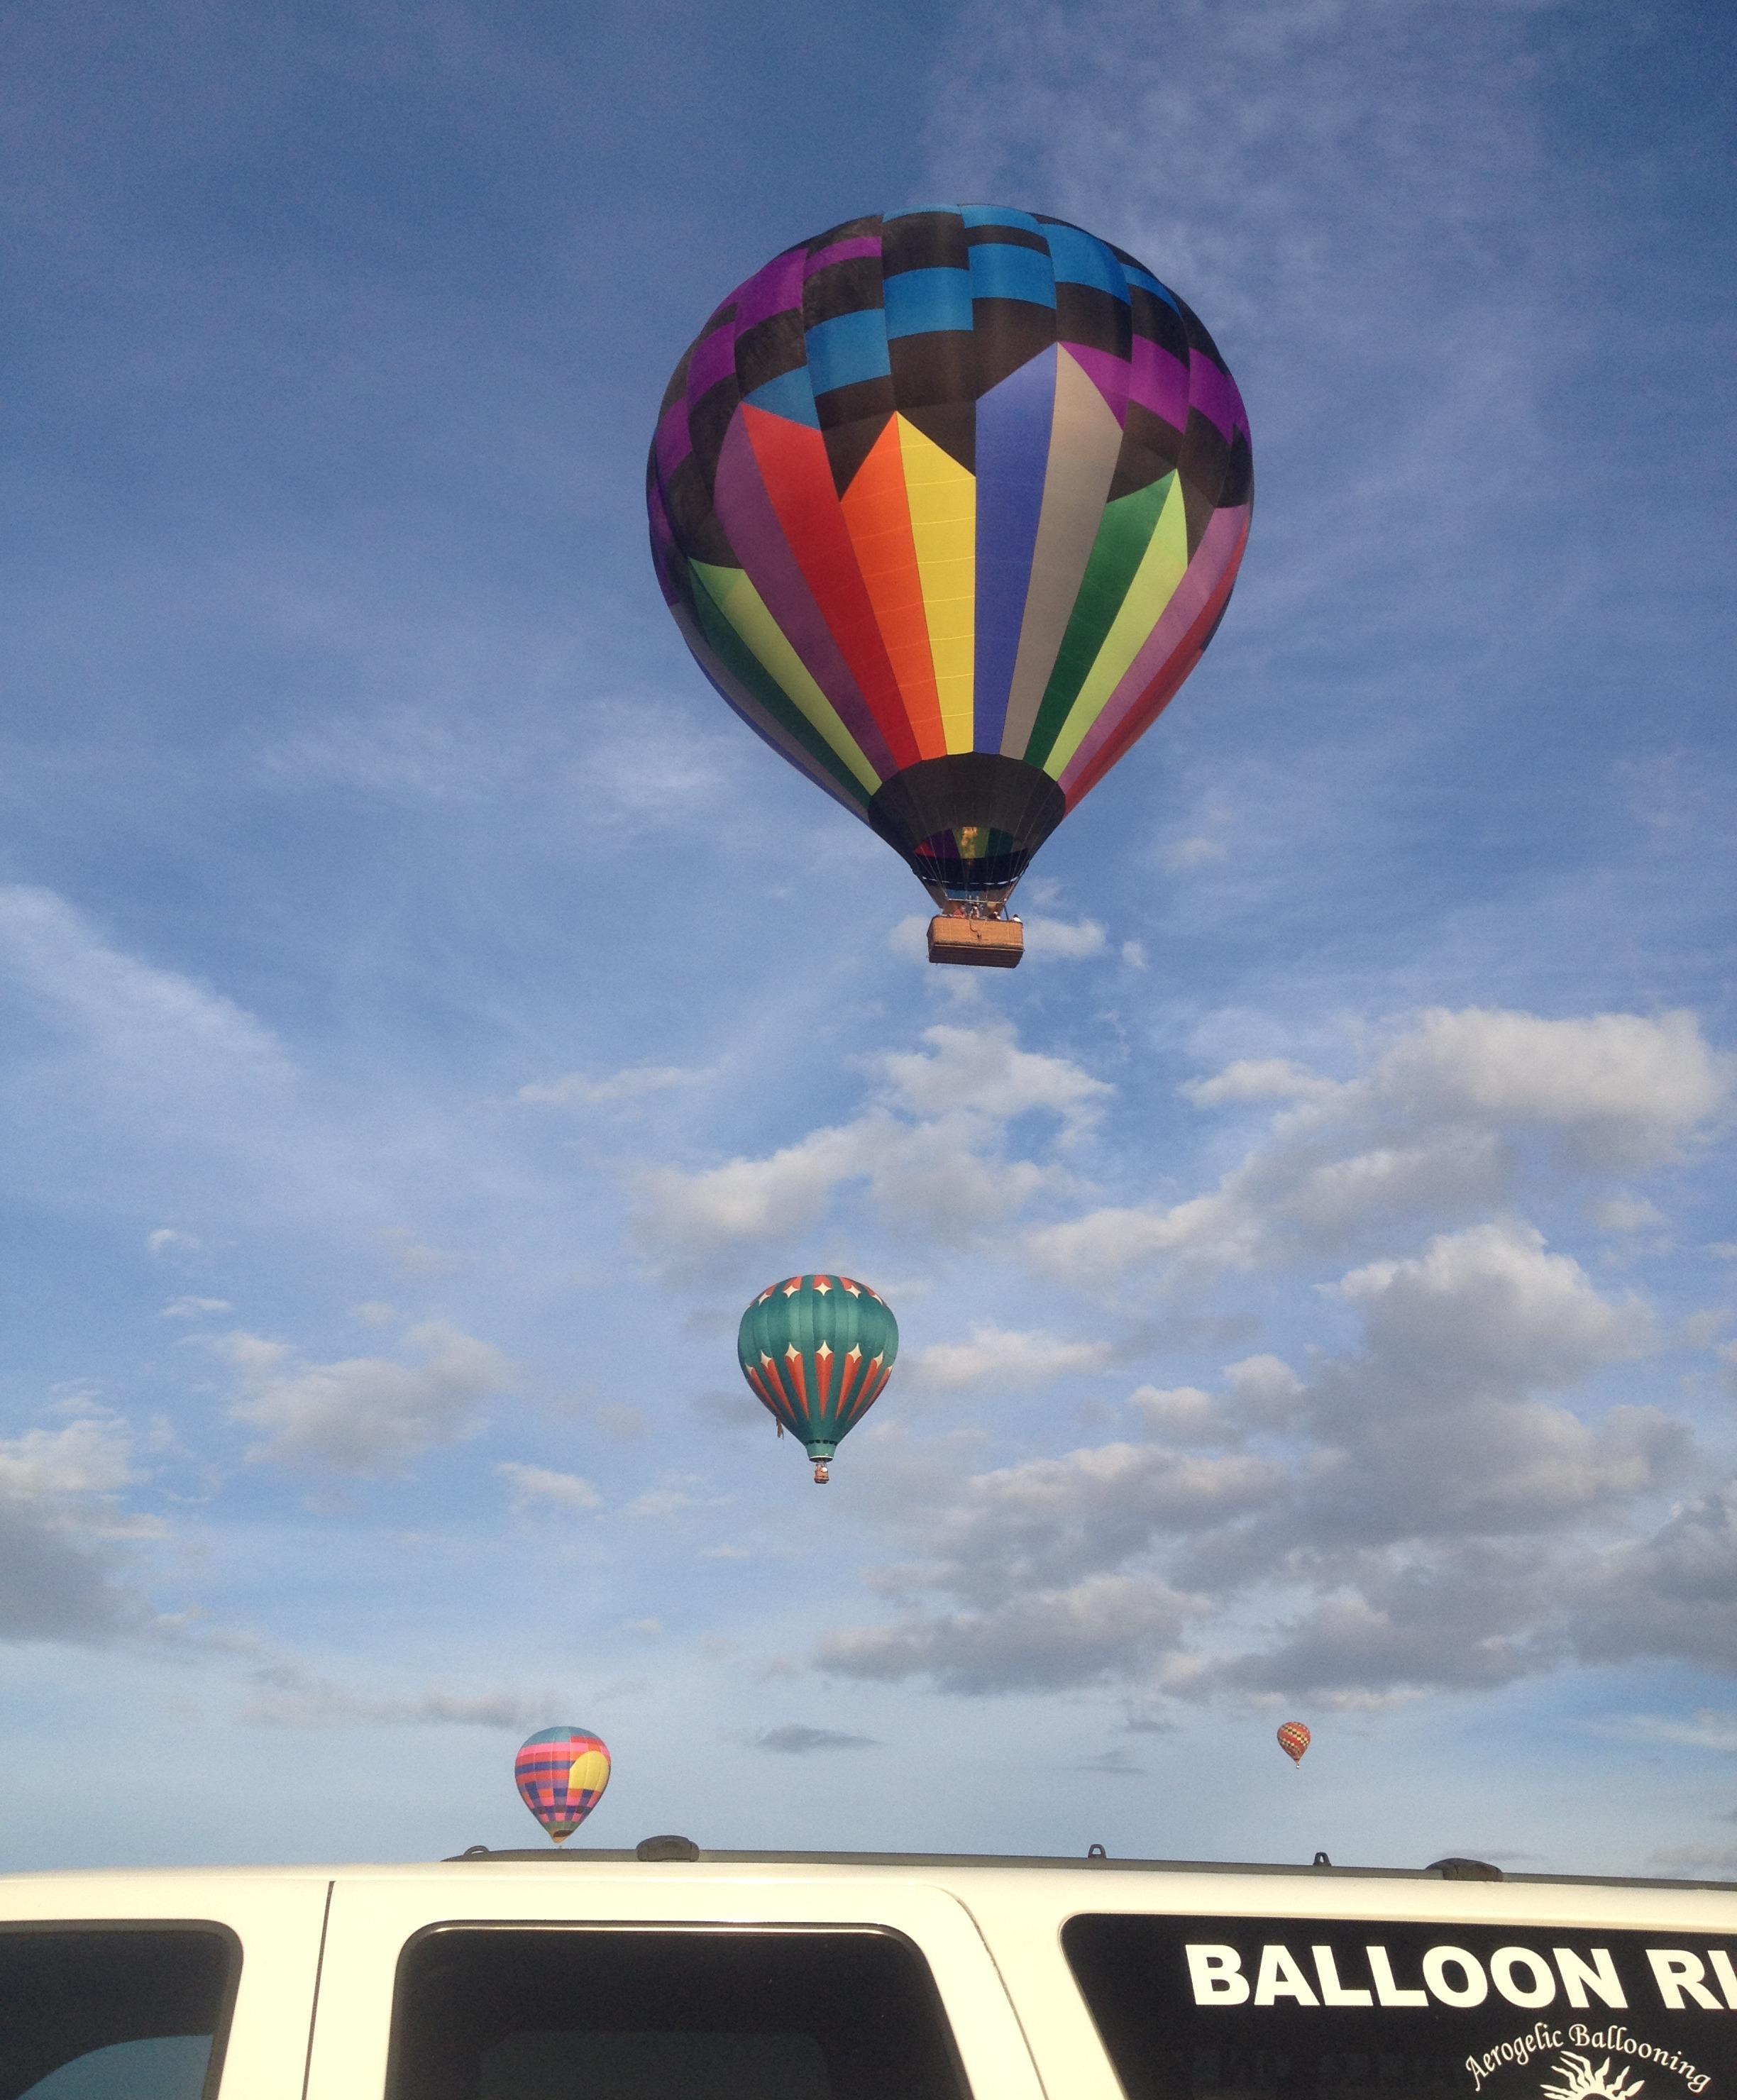 Albuquerque Hot Air Balloon Rides - Aerogelic Ballooning